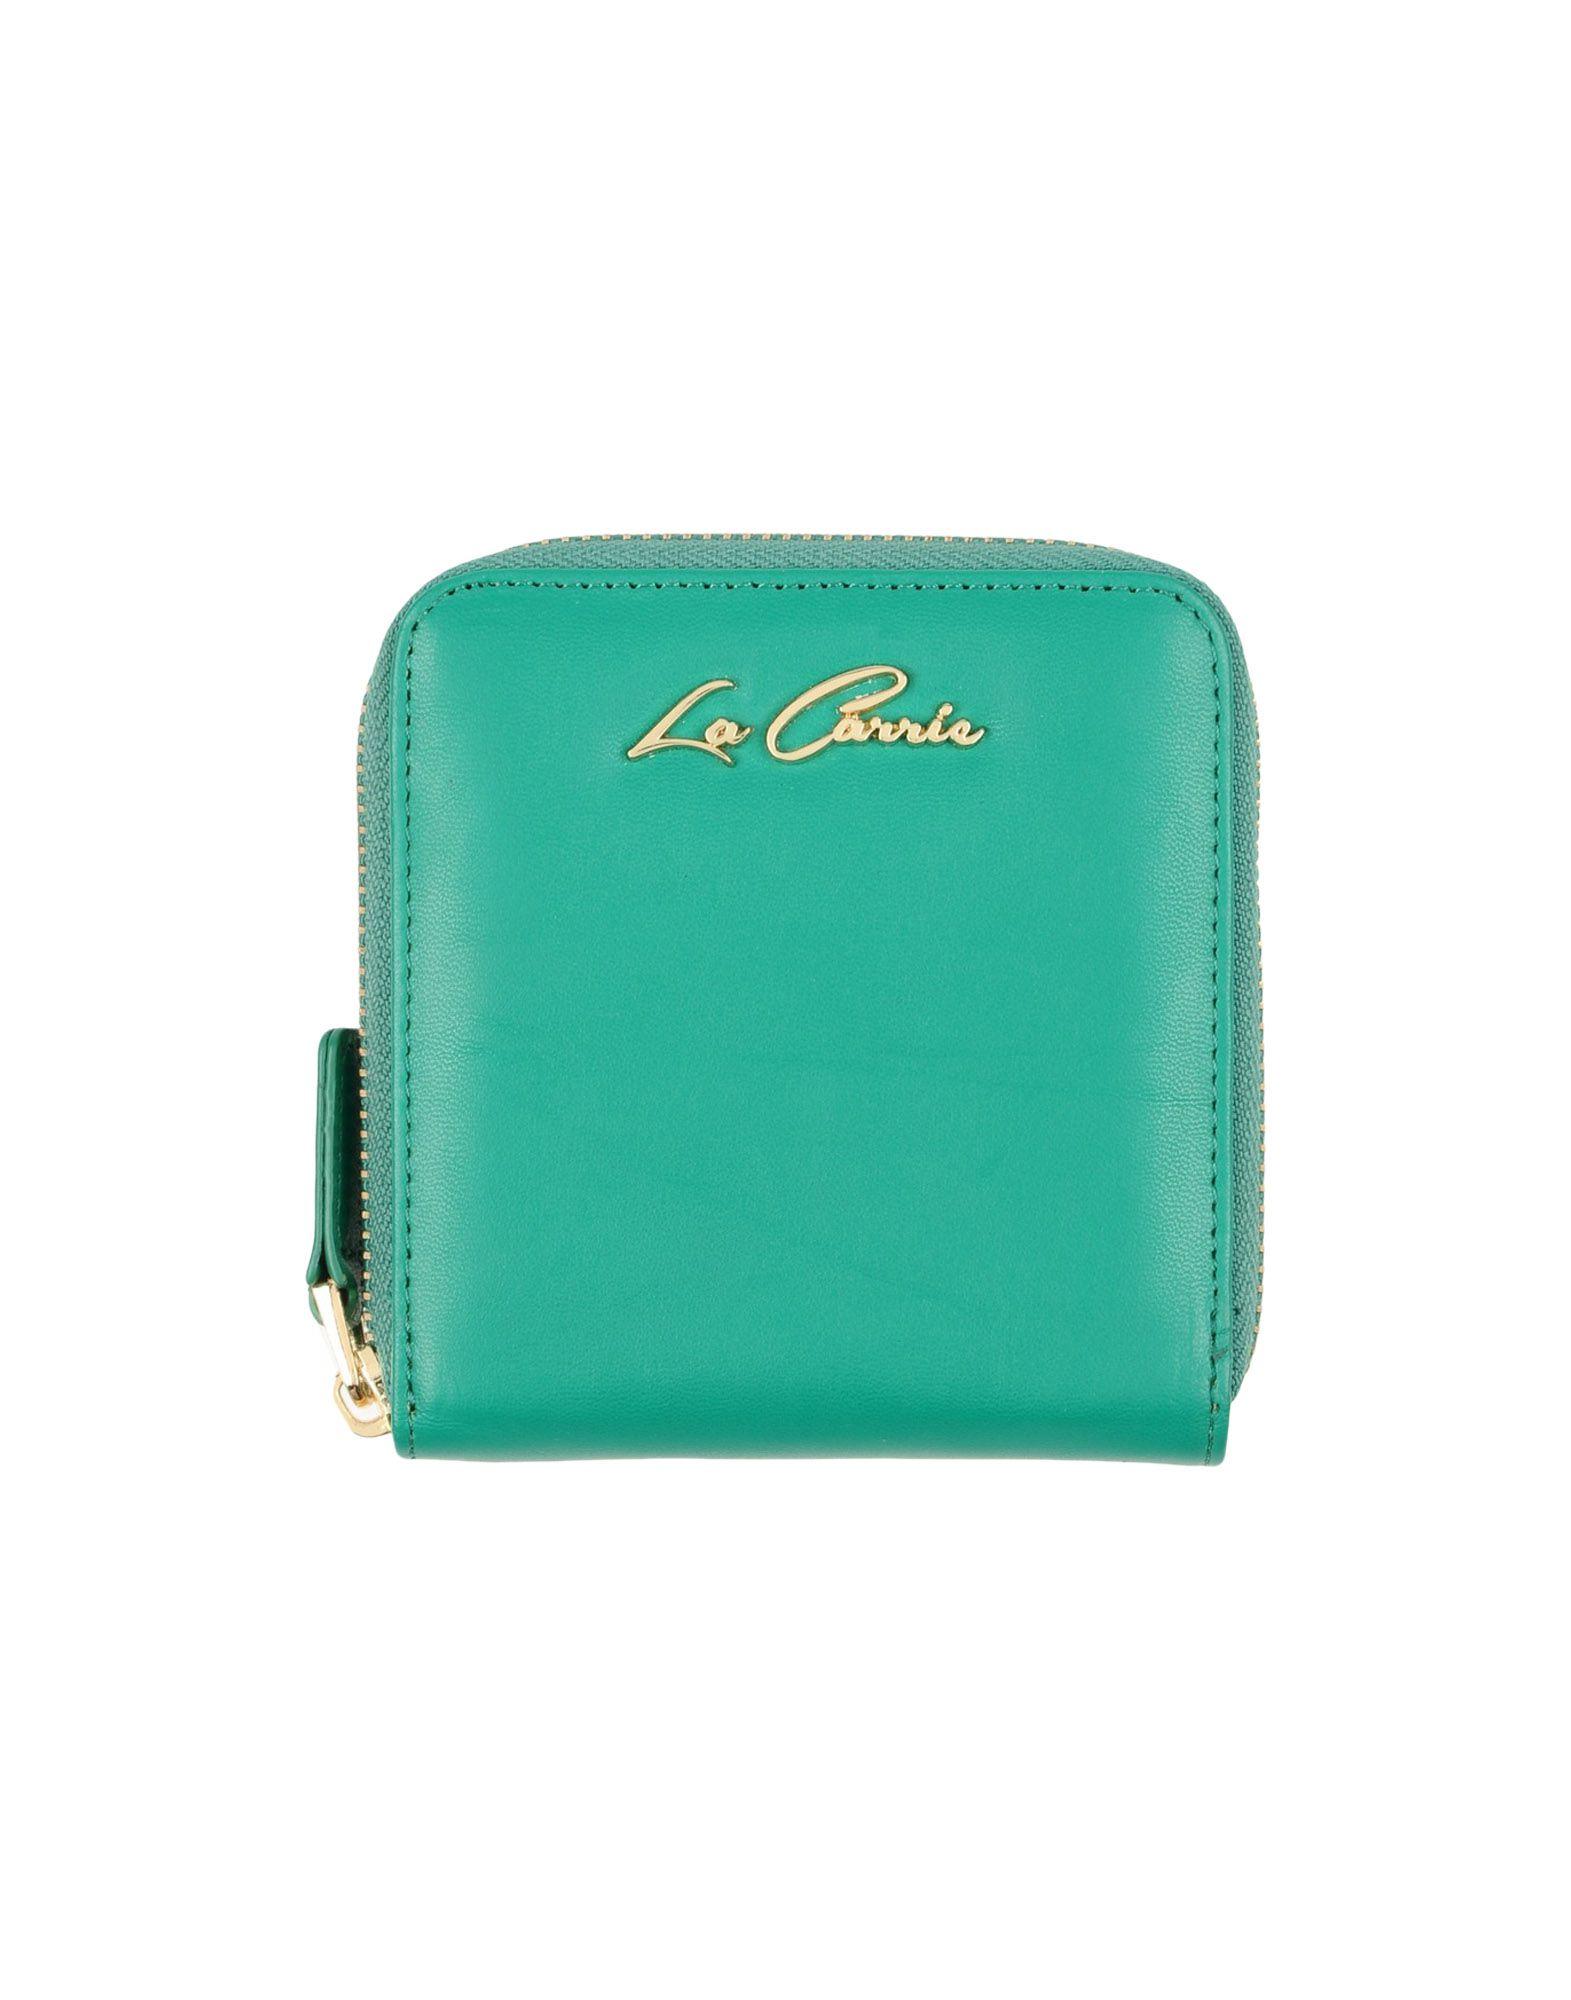 LA CARRIE BAG Damen Brieftasche Farbe Grün Größe 1